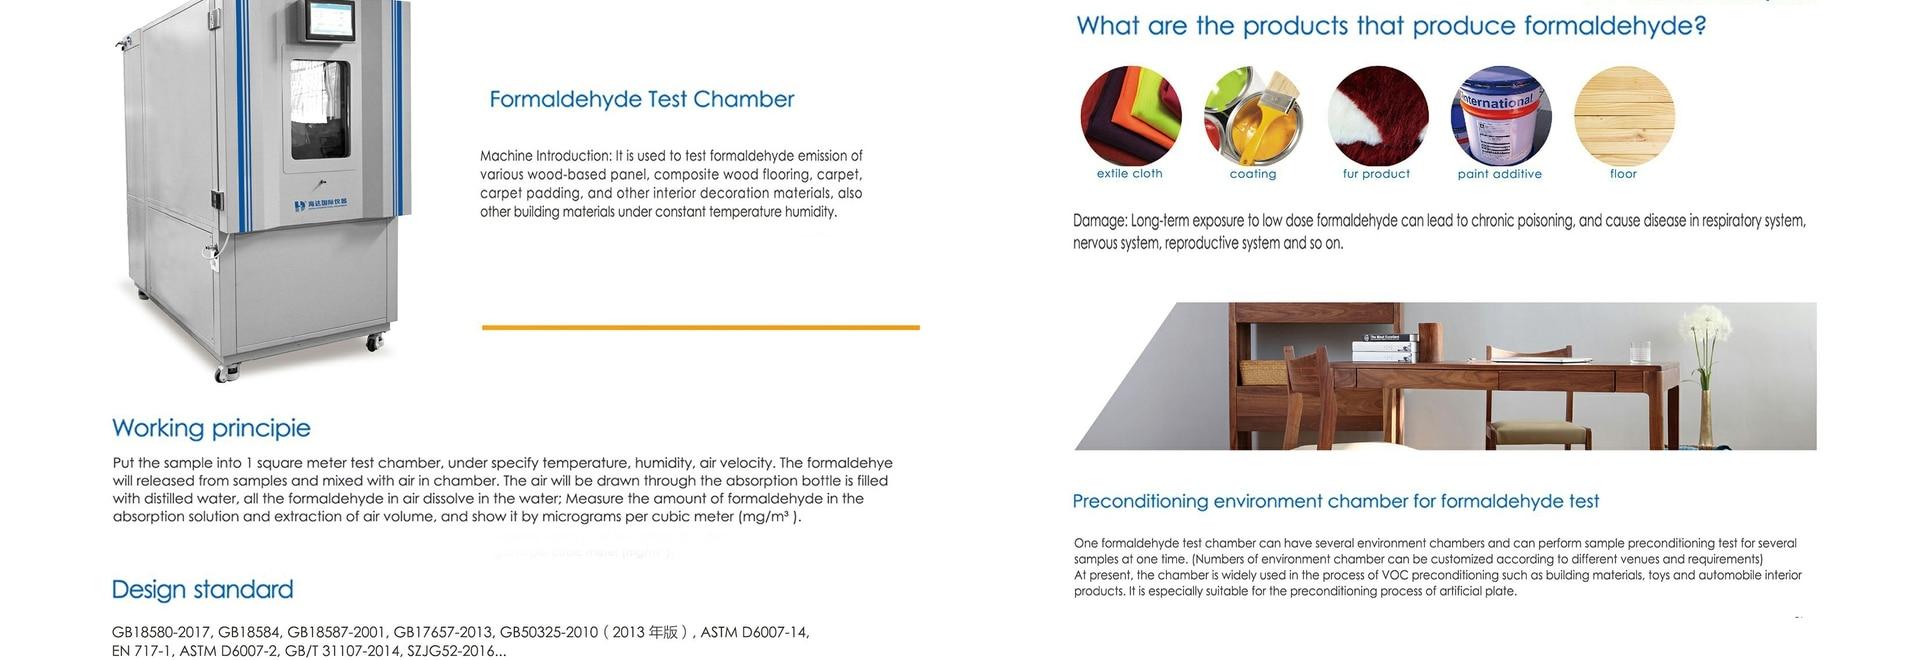 Formaldehyde Test Chamber Dongguan Guangdong China Haida Equipment Co Ltd